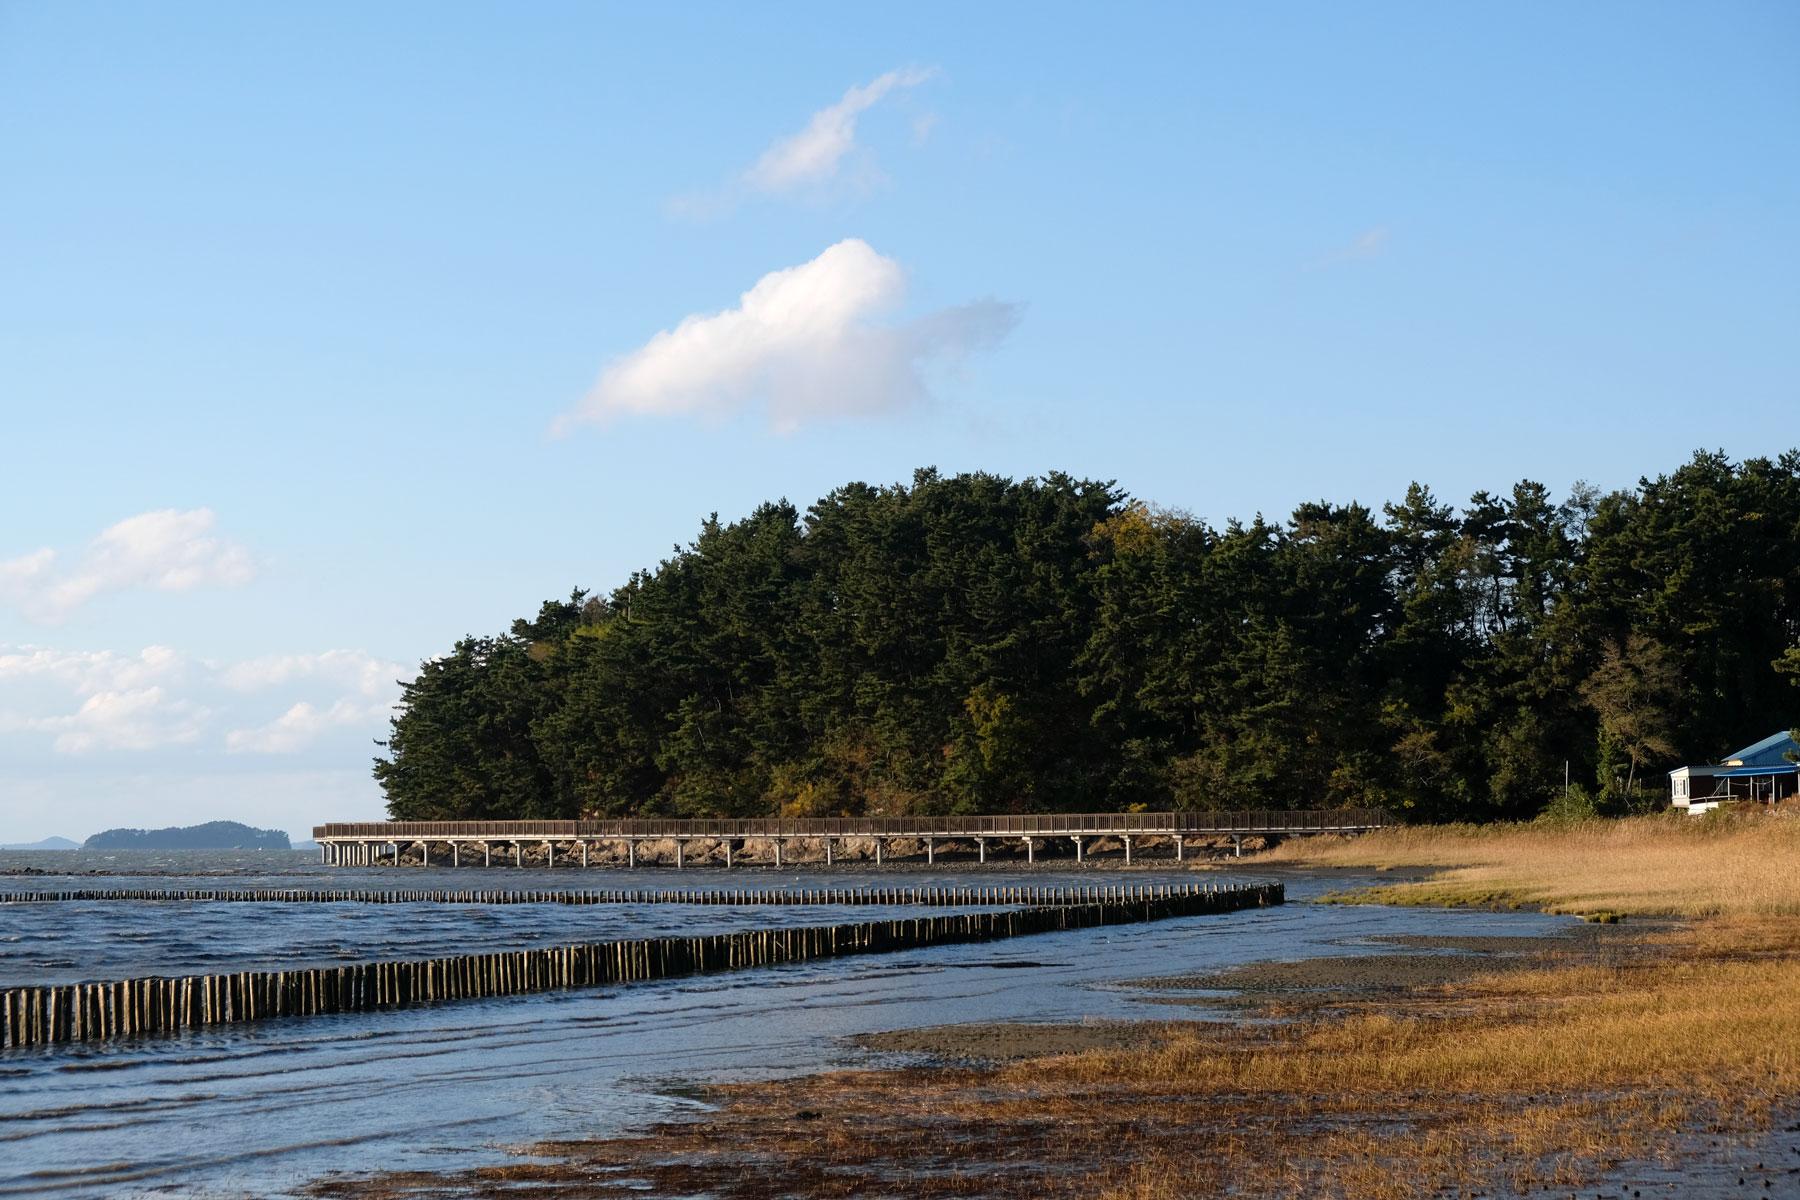 Der Strand von Socheon in Südkorea.